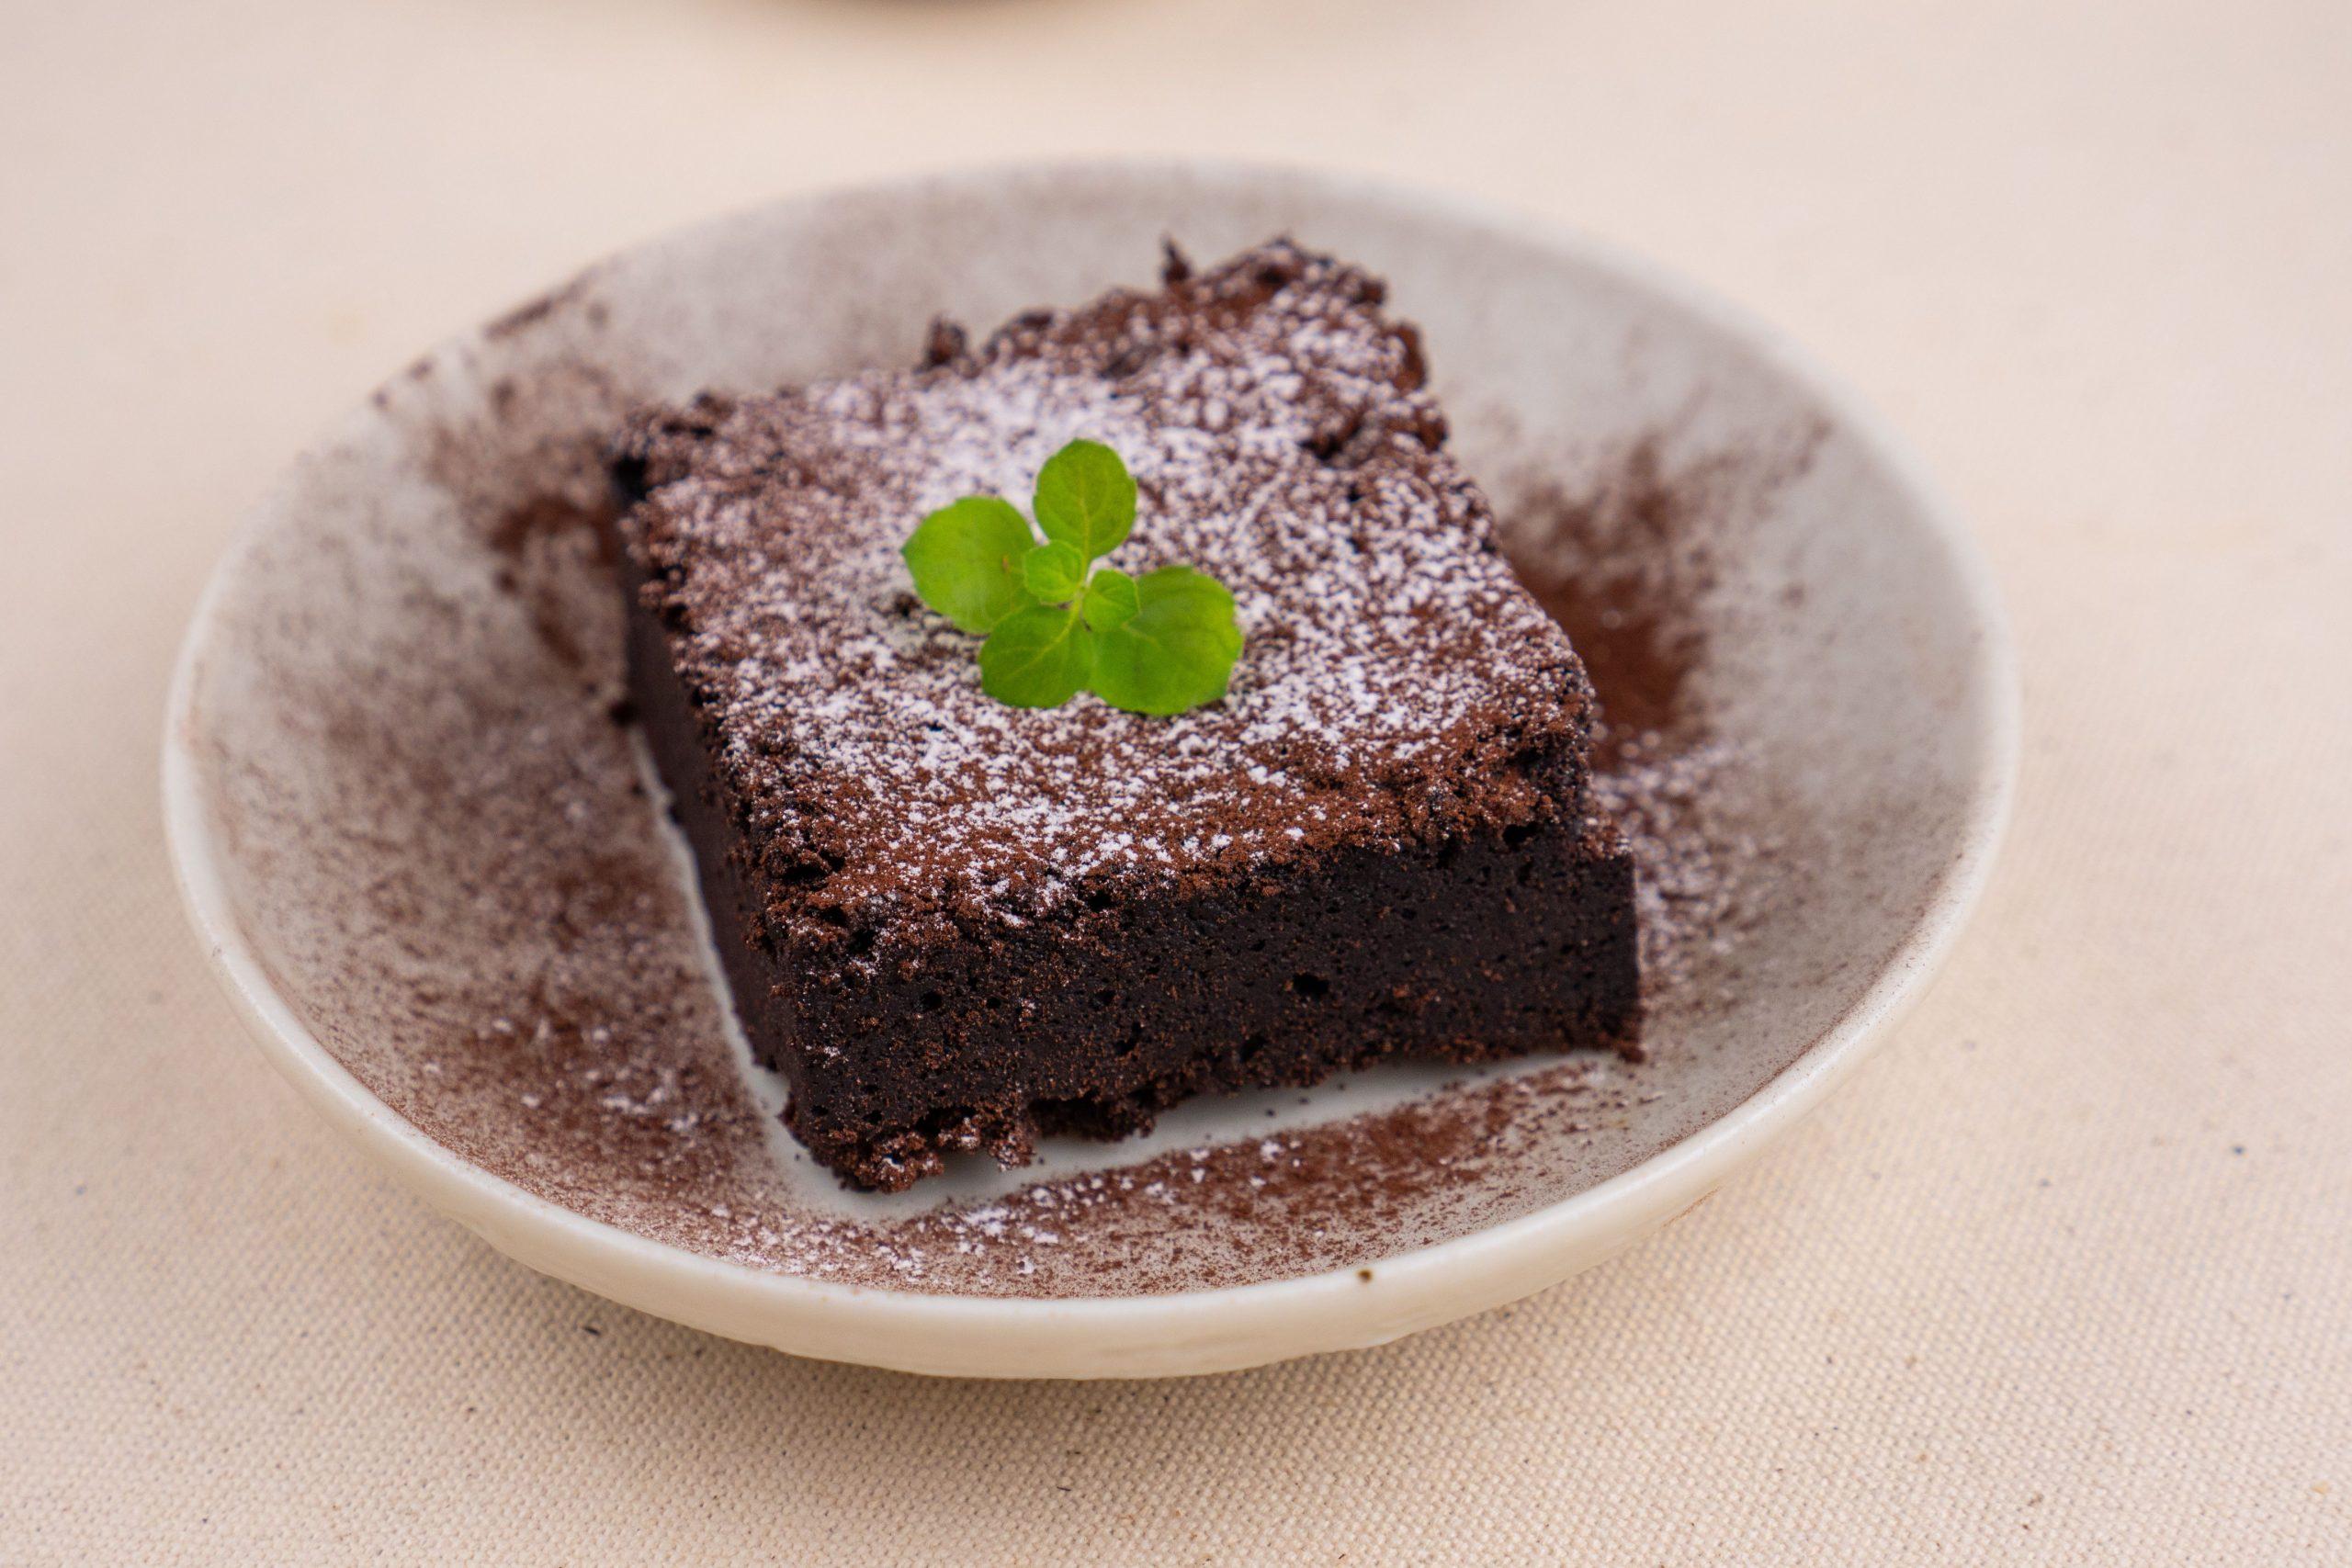 禾火甜點|核桃布朗尼,濕潤又鬆軟,巧克力香氣縈繞口中